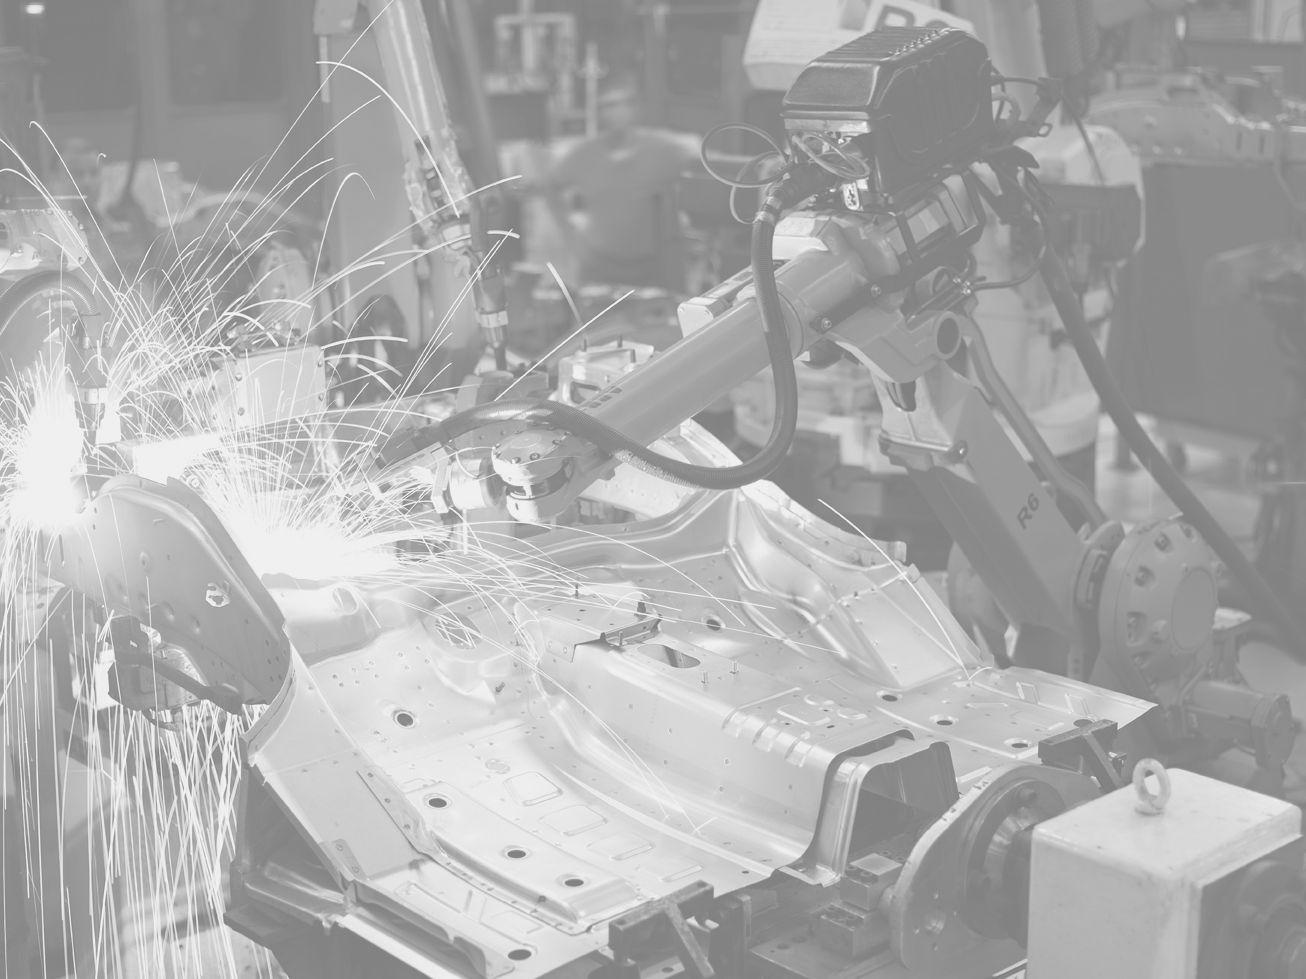 seetech-Laser-welding-robot-body-assembly-line.jpg